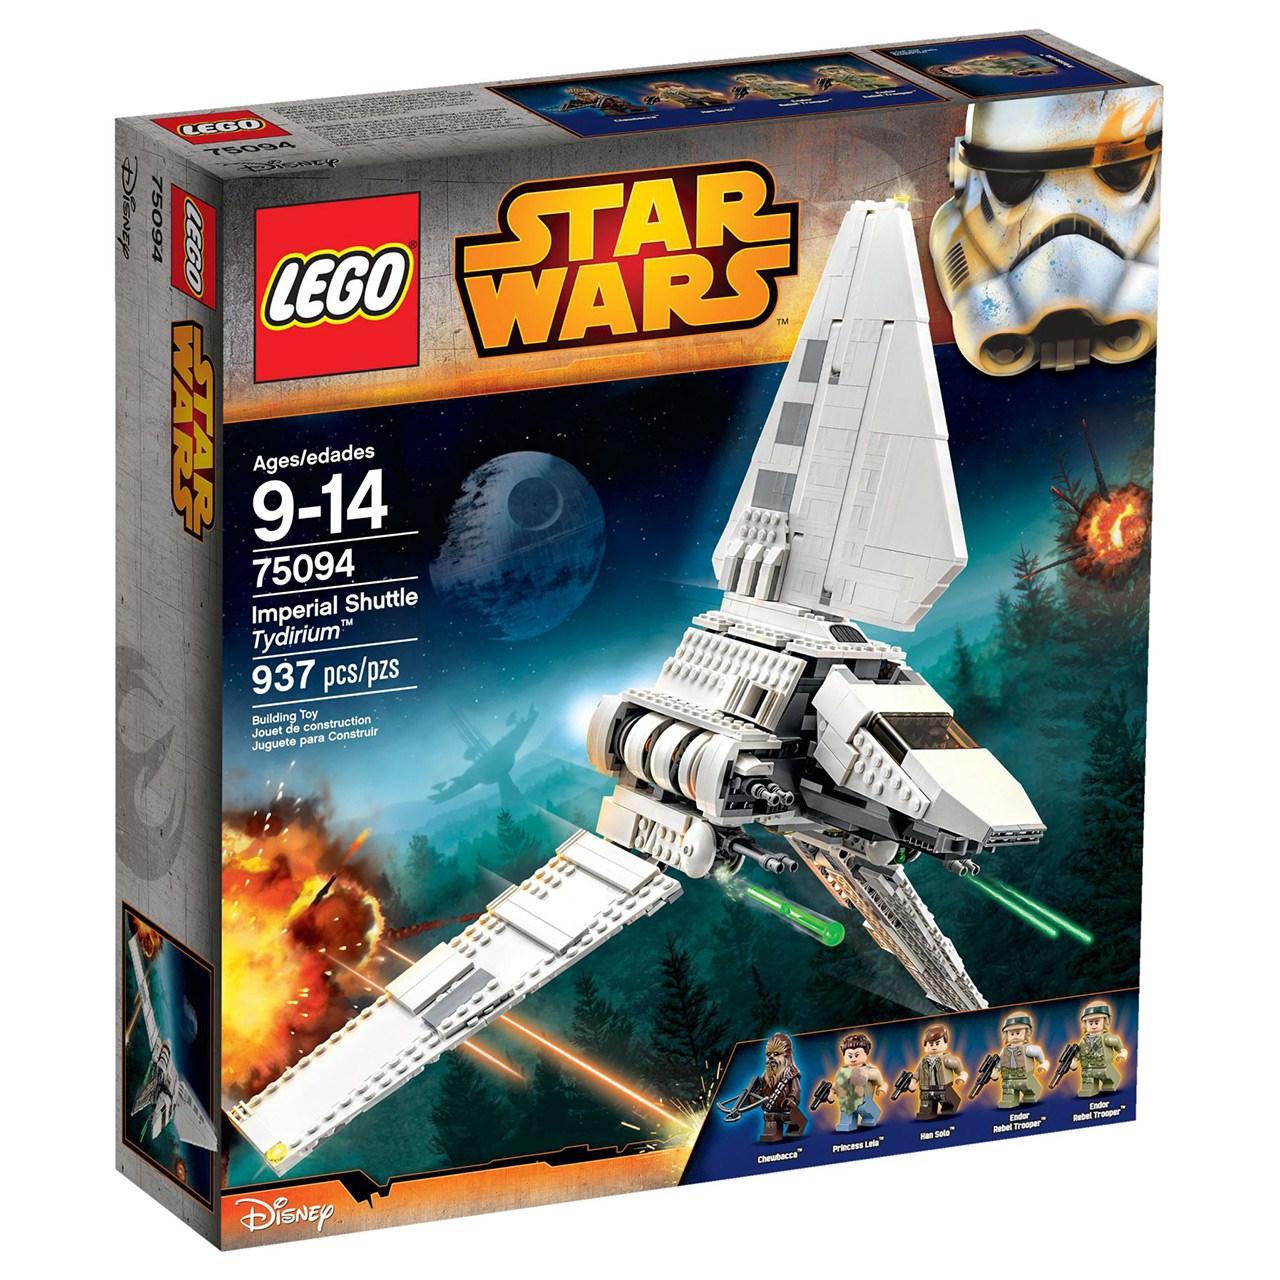 لگو سری Star Wars مدل Imperial Shuttle Tydirium 75094